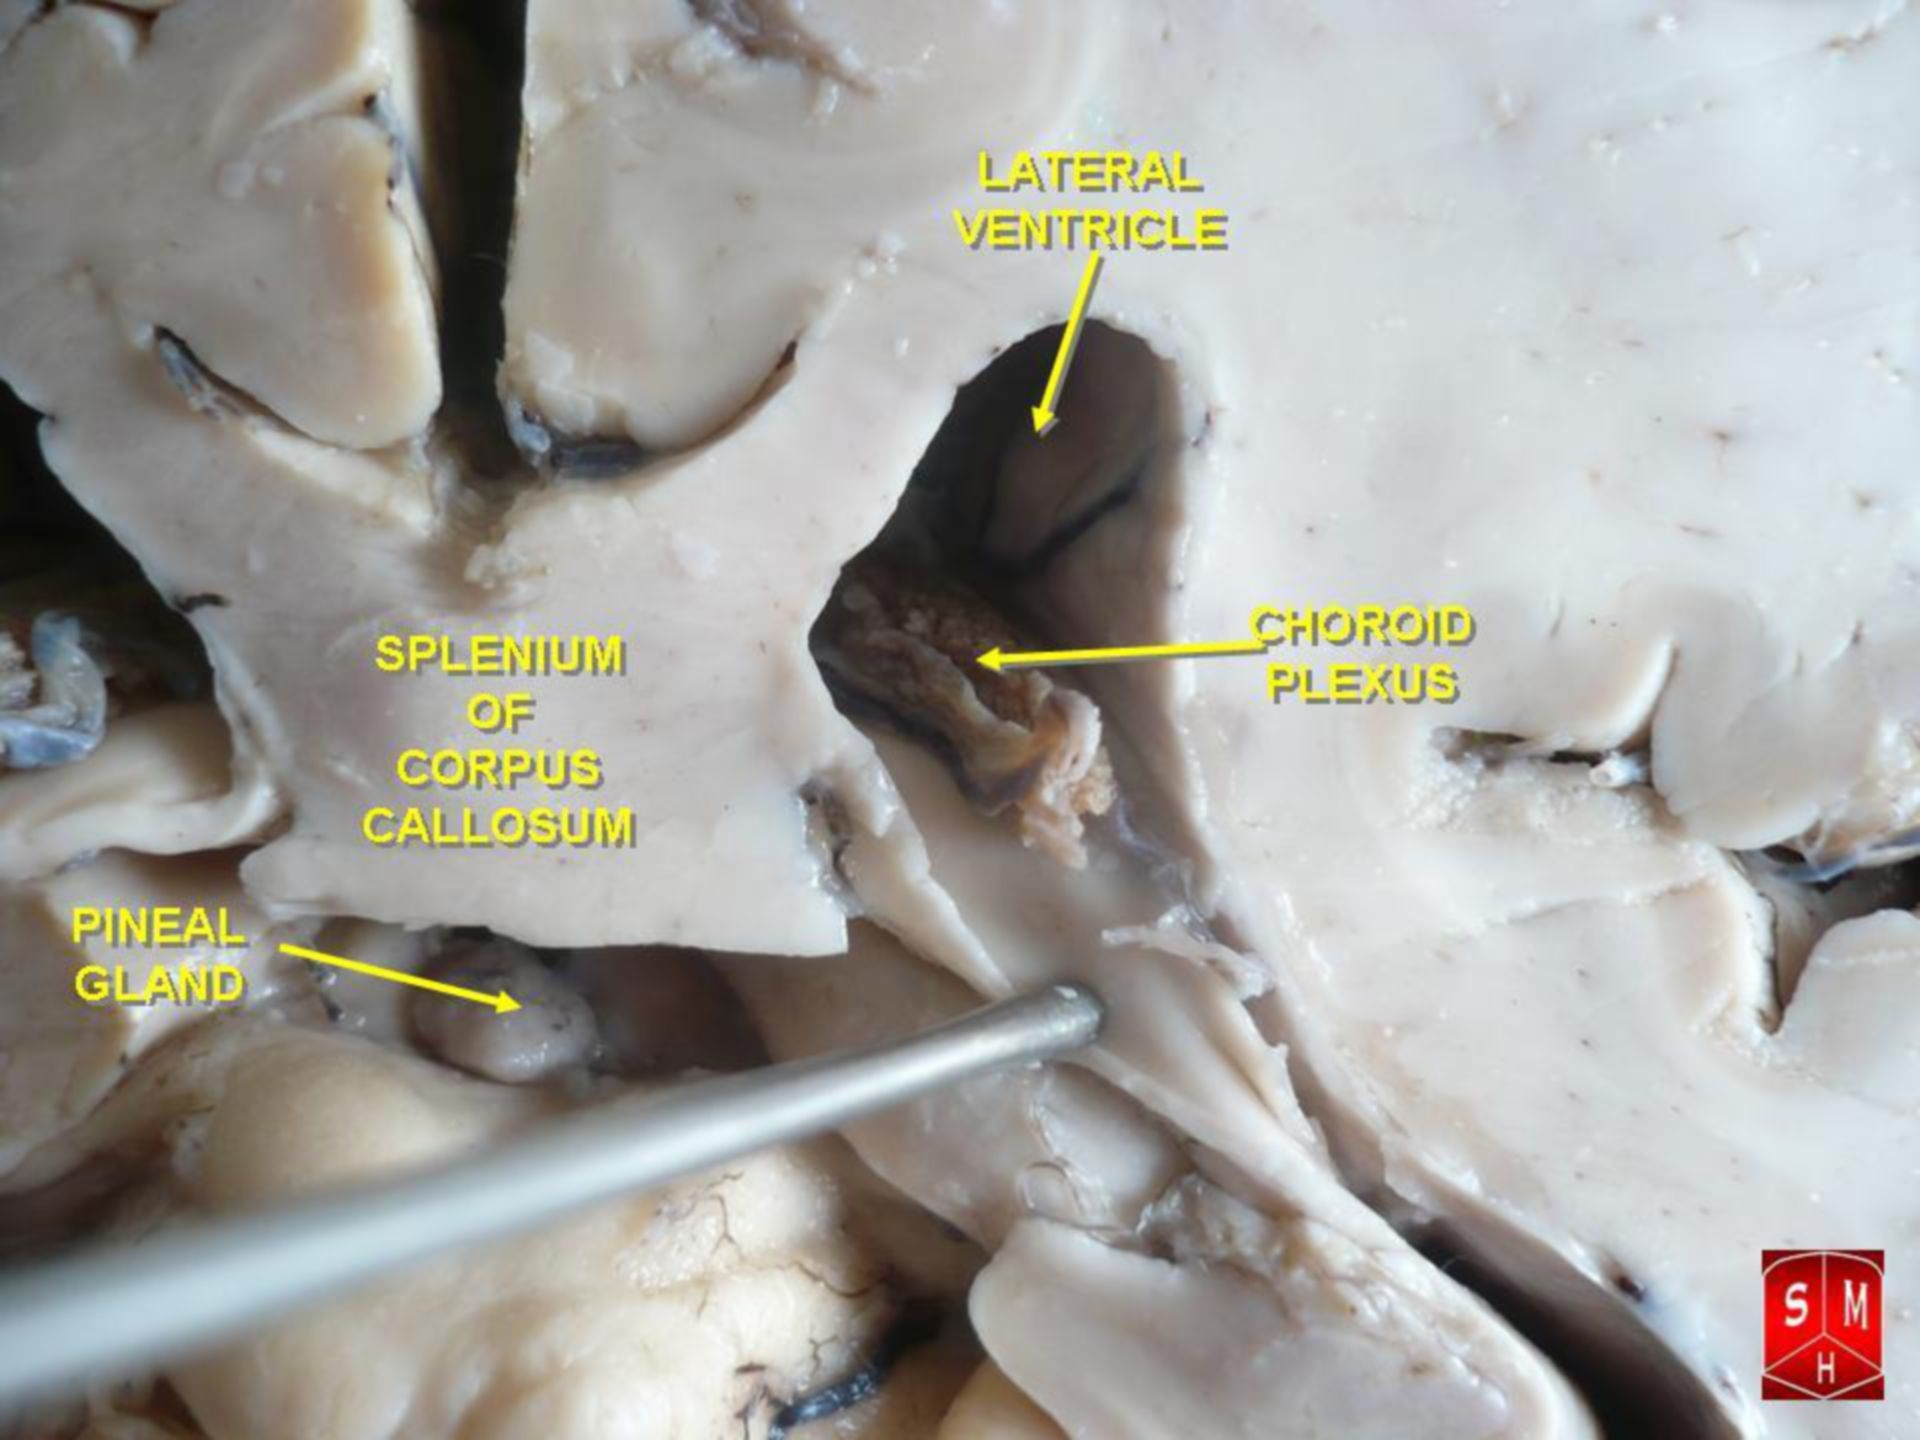 Plexus Choroideus